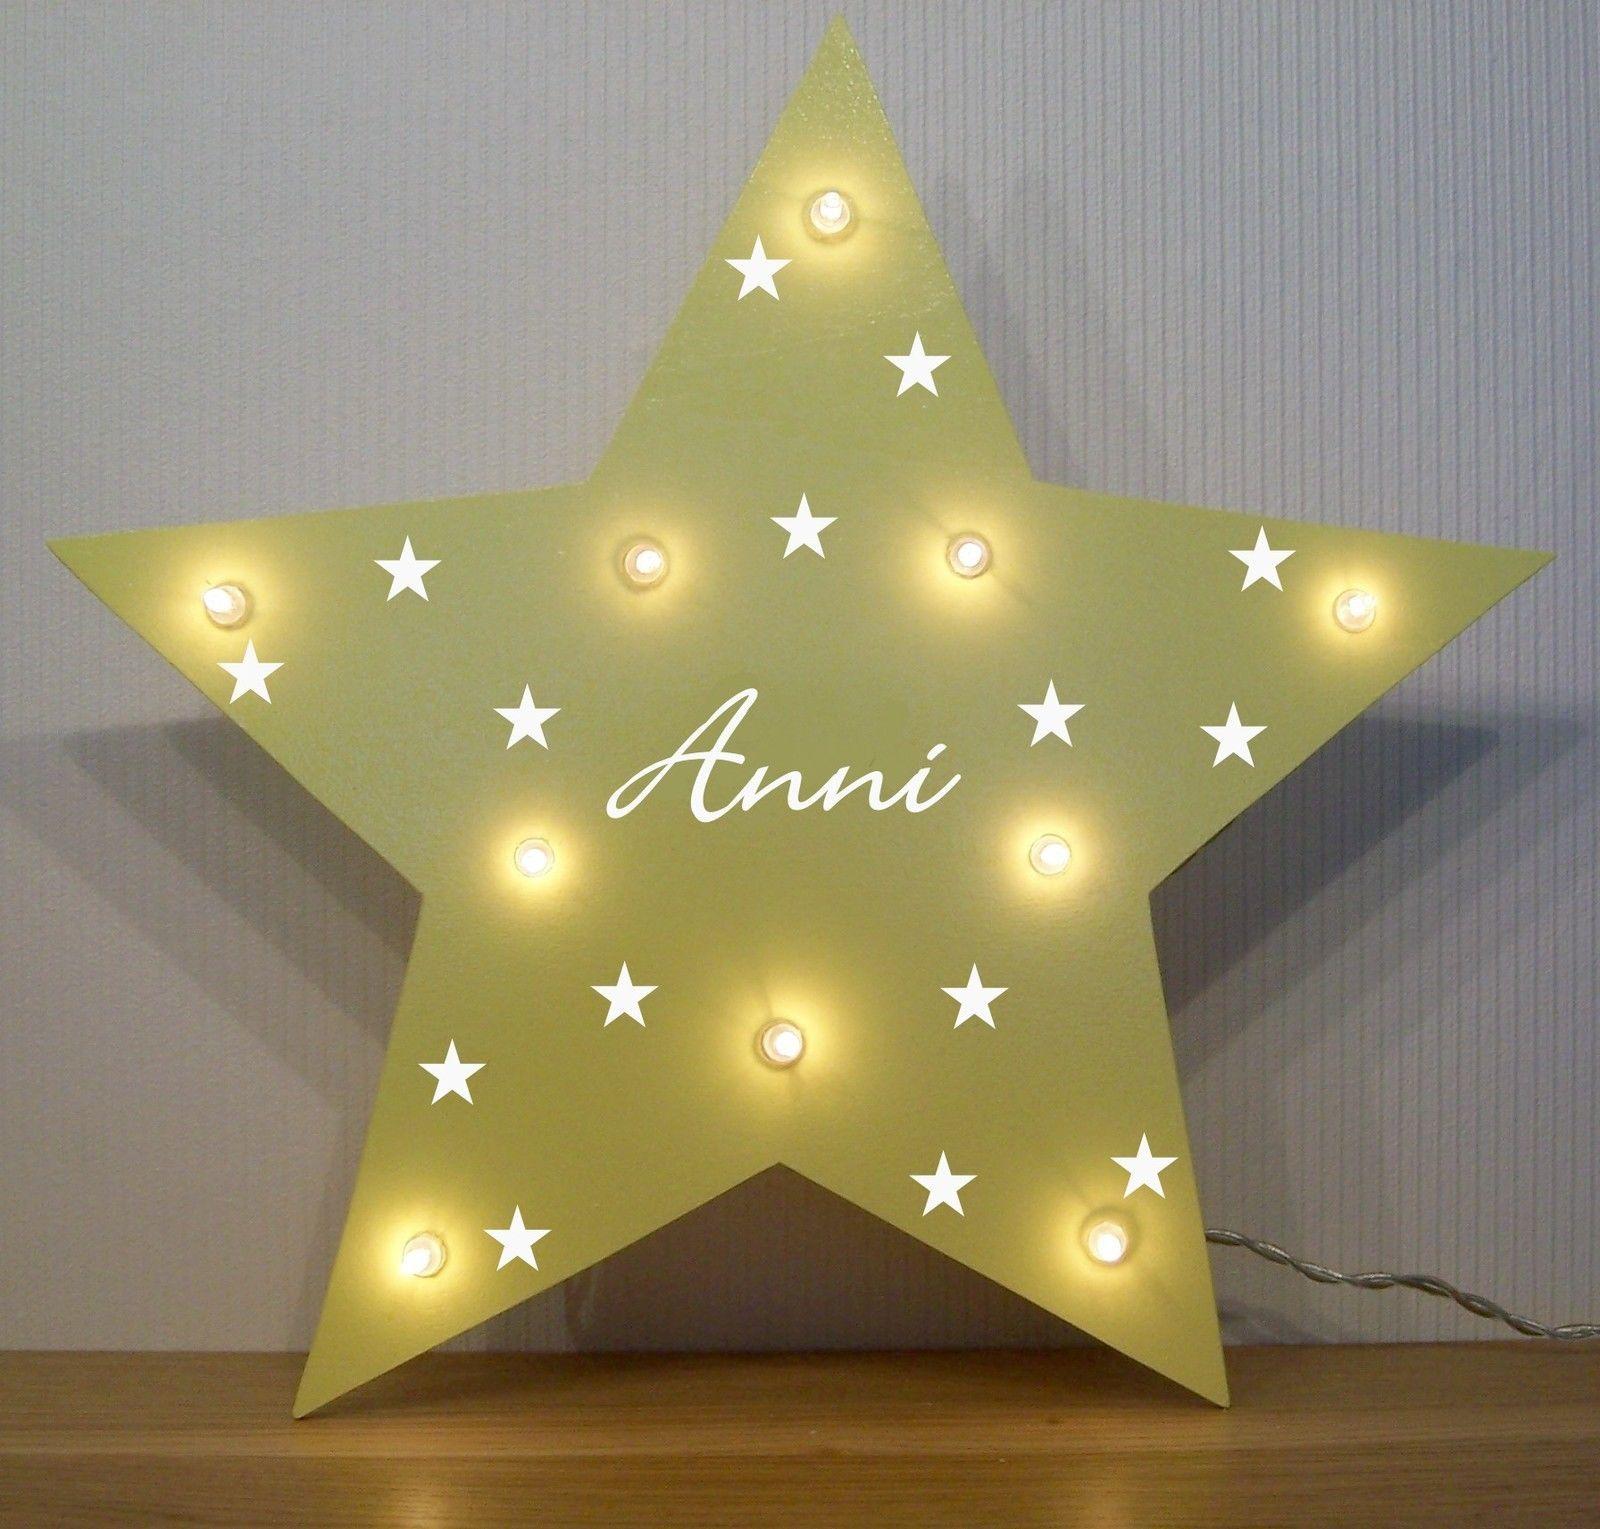 Nachtlicht Kleine Sterne Lampe Geschenk Baby Geburt Taufe Personalisiert Led Ebay Wohnideen Dekoration Geschenke Nachtlicht Kinderzimmer